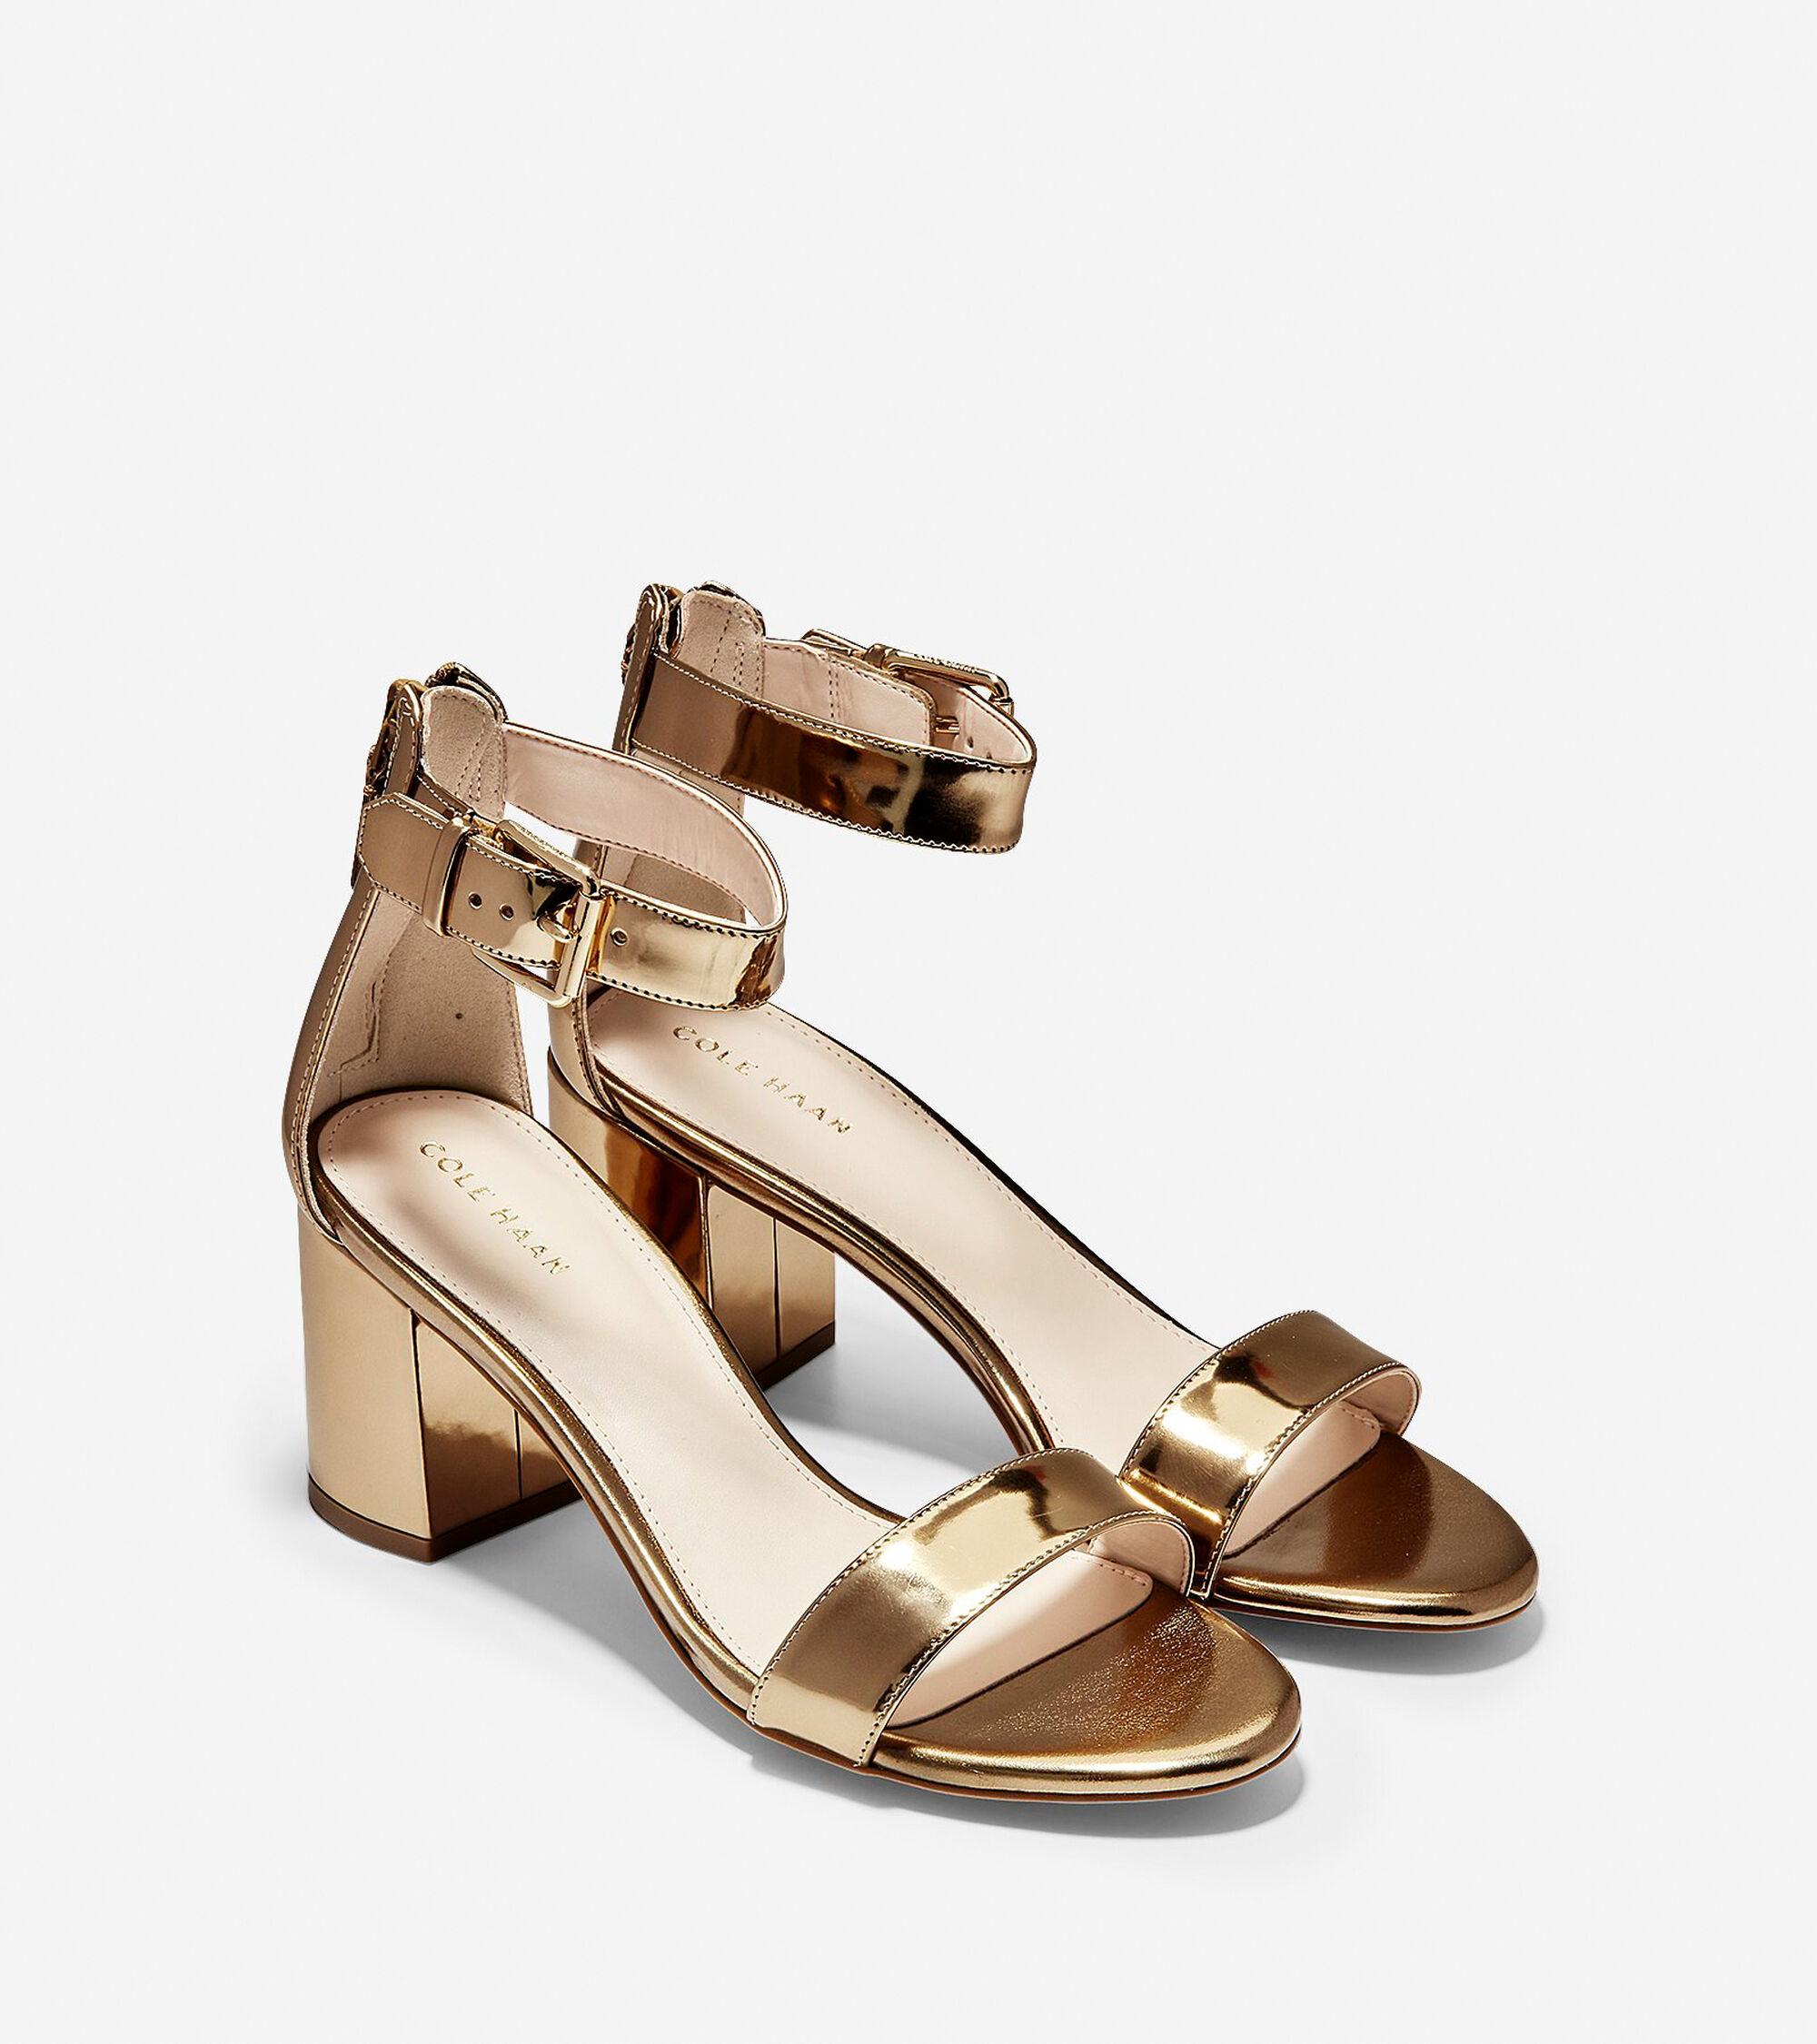 4801801ed4e9 Women s Clarette Sandals 65mm in Gold Specchio